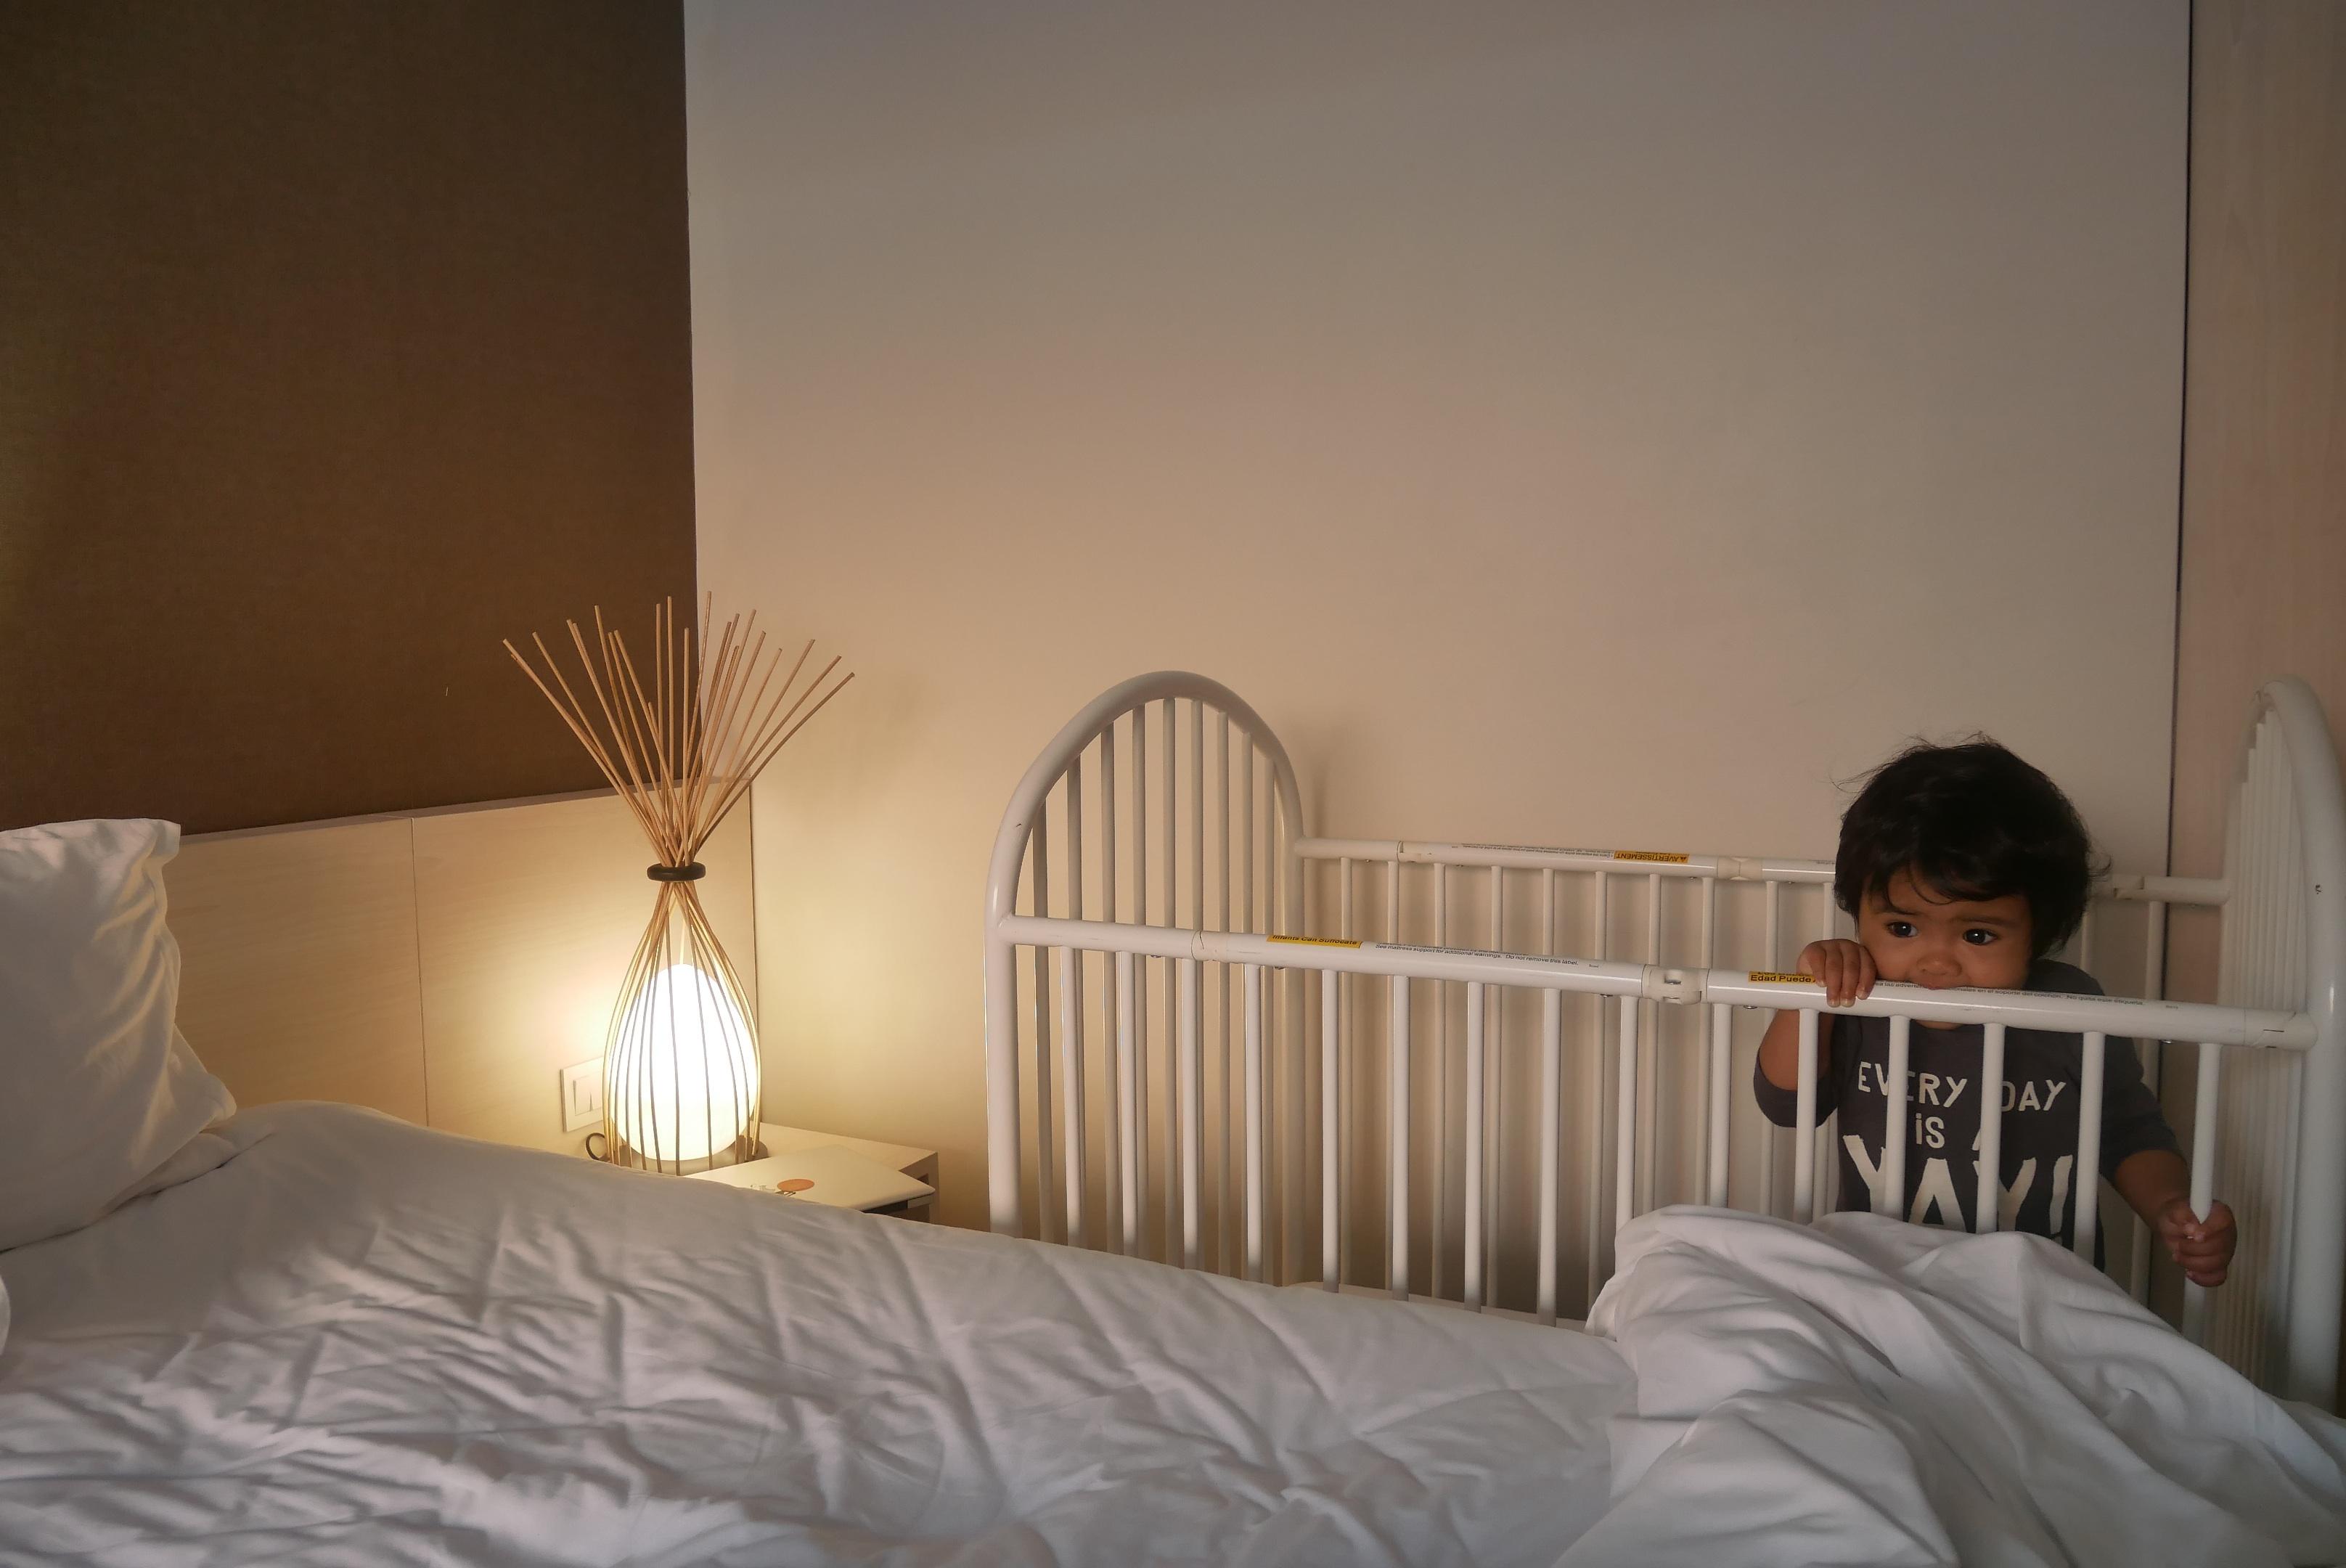 Design Slaapkamer Meubilair : Gratis afbeeldingen verdieping huisje eigendom meubilair